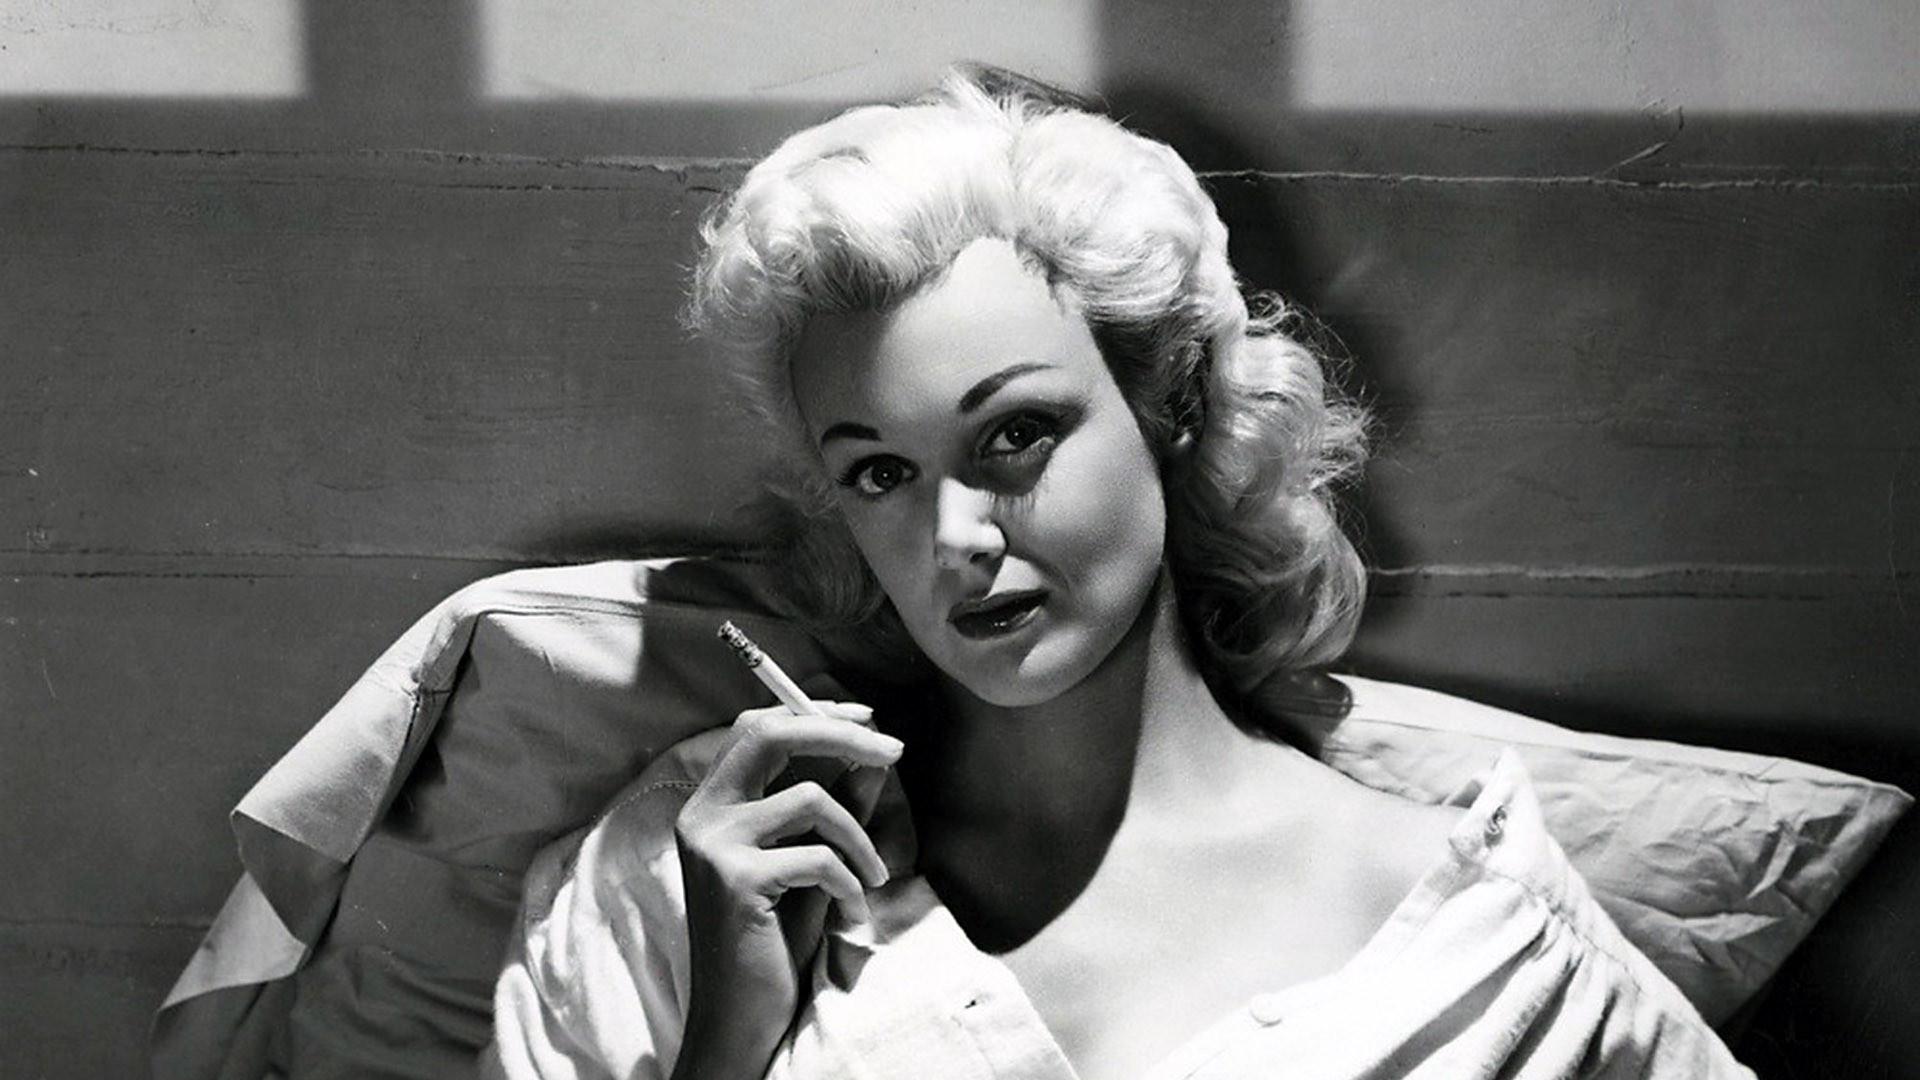 photo Marita Zobel (b. 1941)